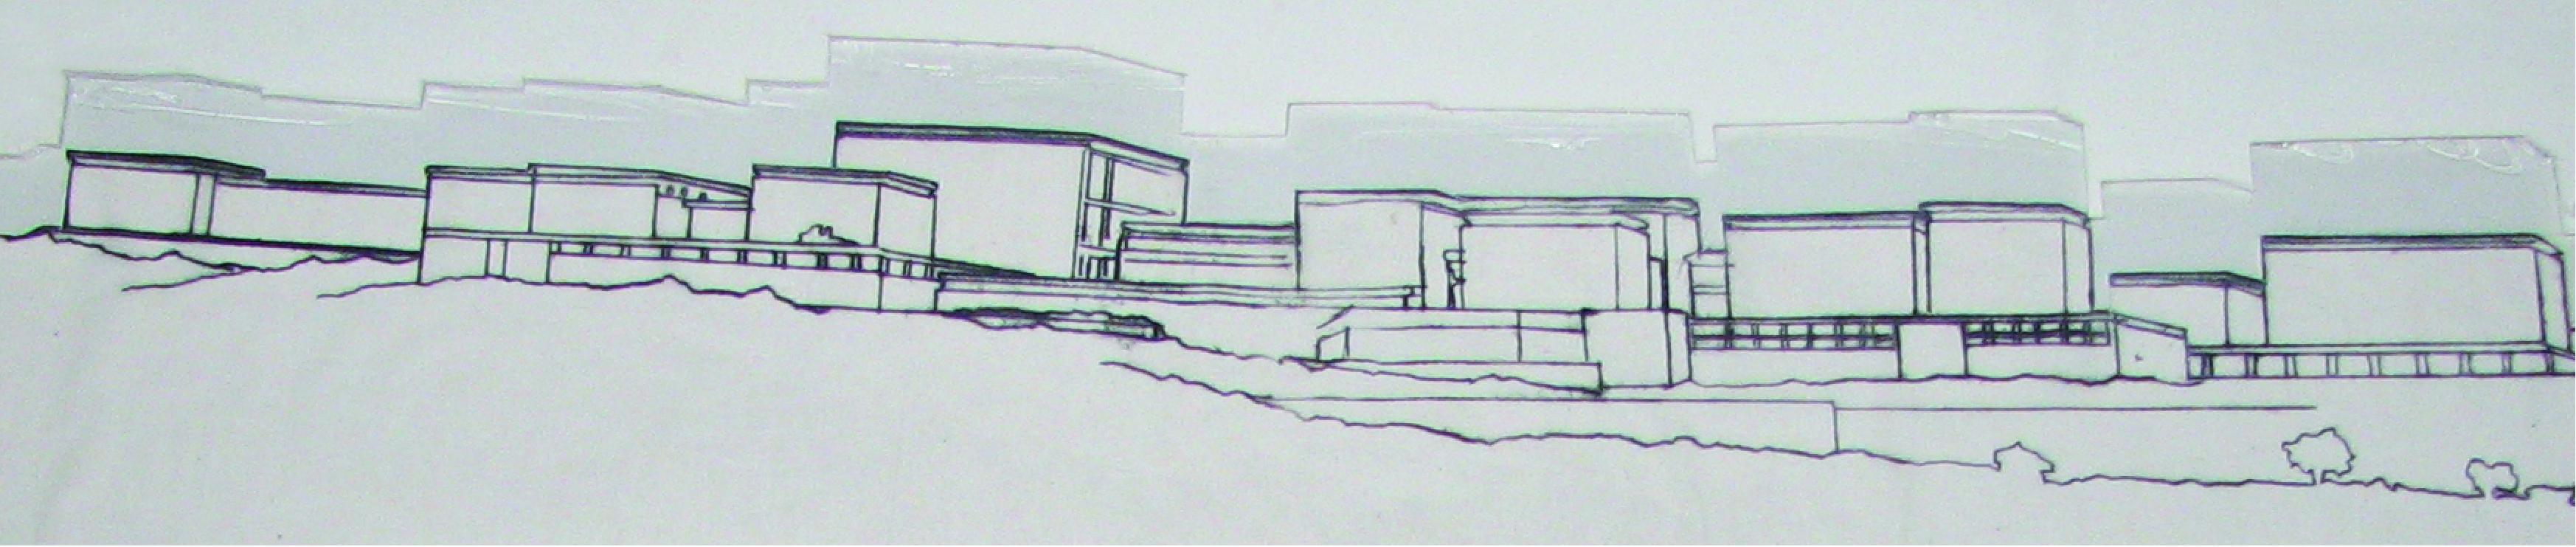 מוזיאון ישראל חזית מזרחית